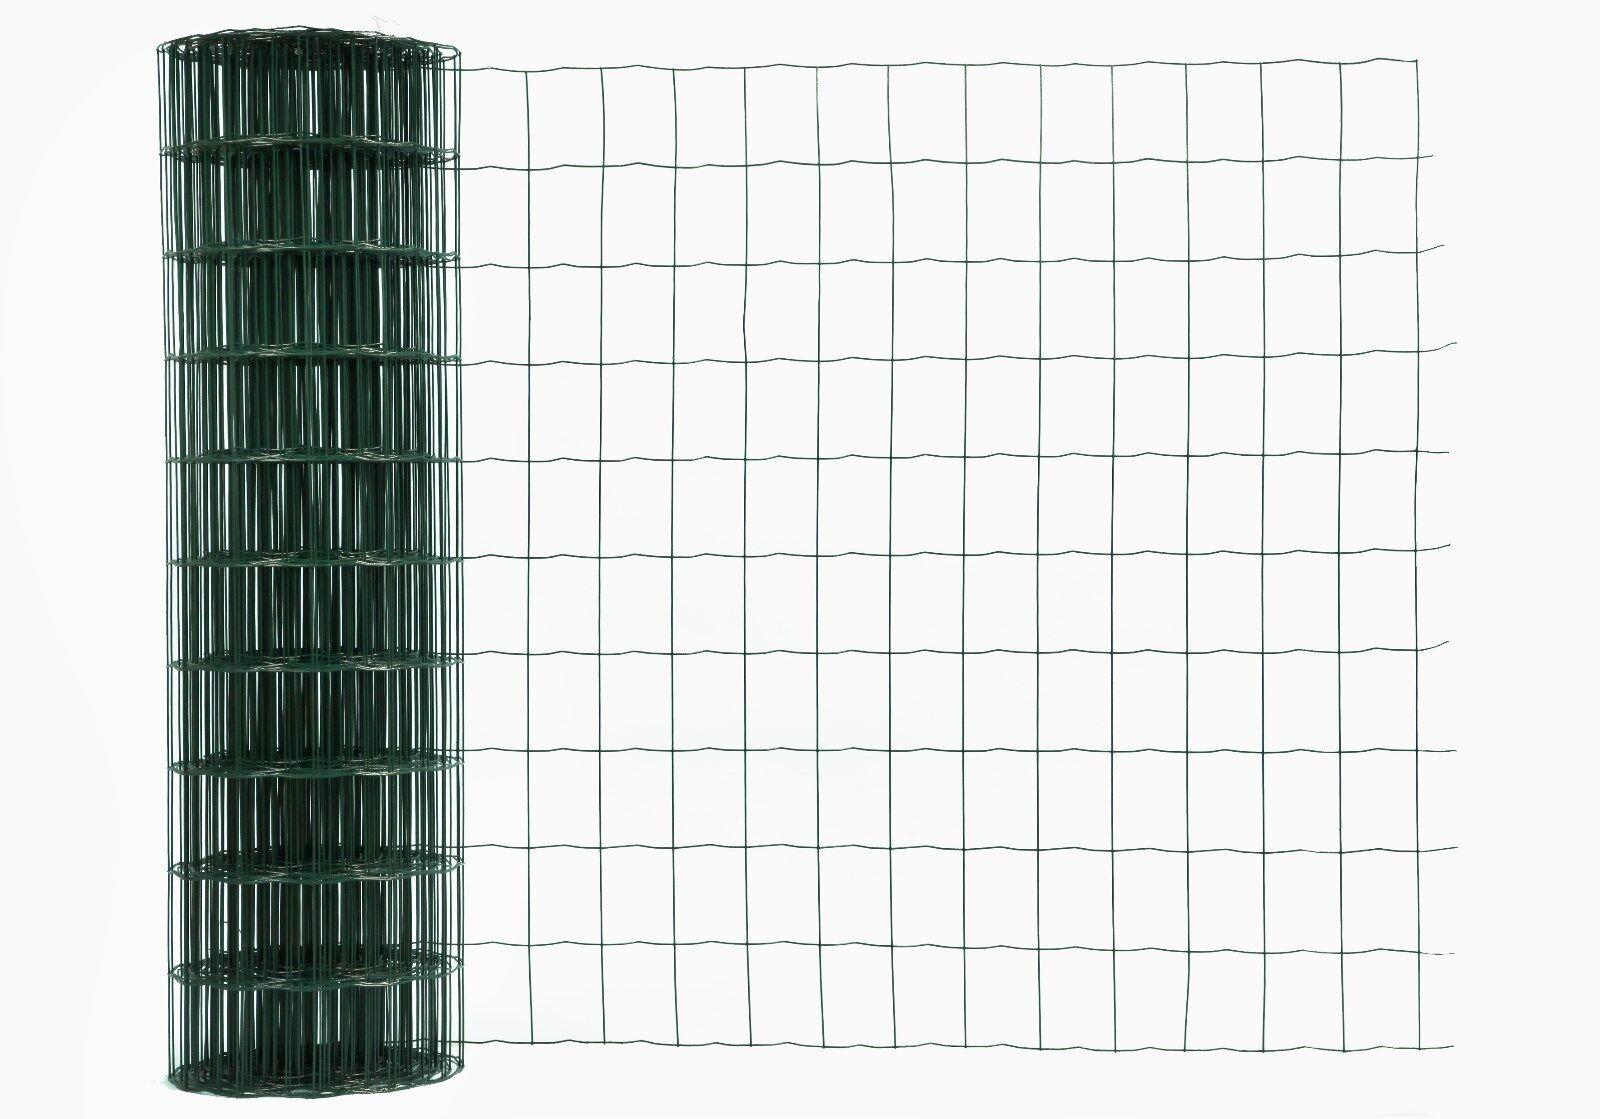 Gitterzaun, Gartenzaun, Schweißgitter grün, Masche 75x50 mm, Rolle 1,5x25 m